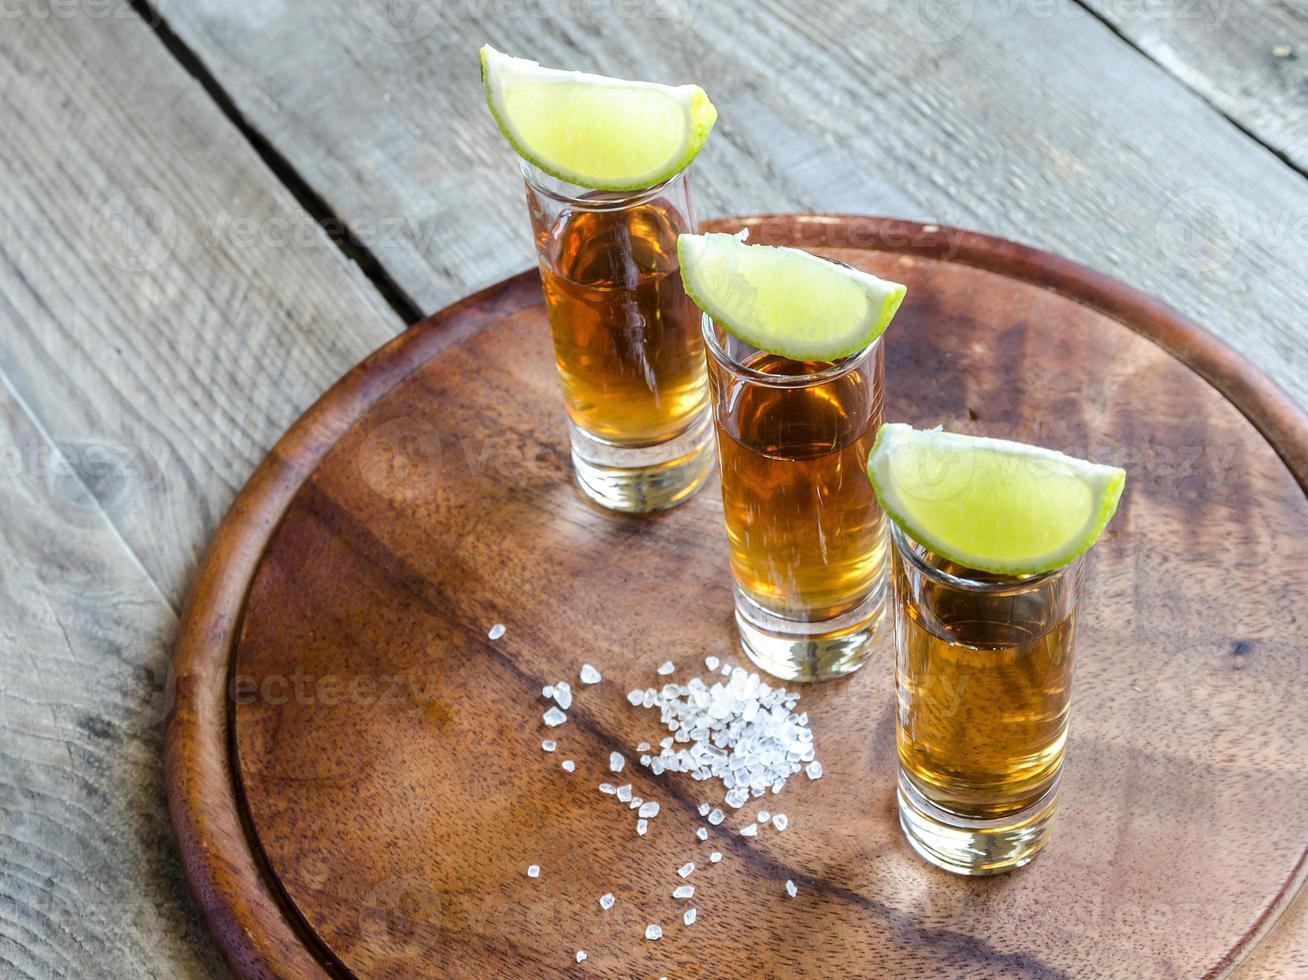 vasos de tequila sobre la plancha de madera foto